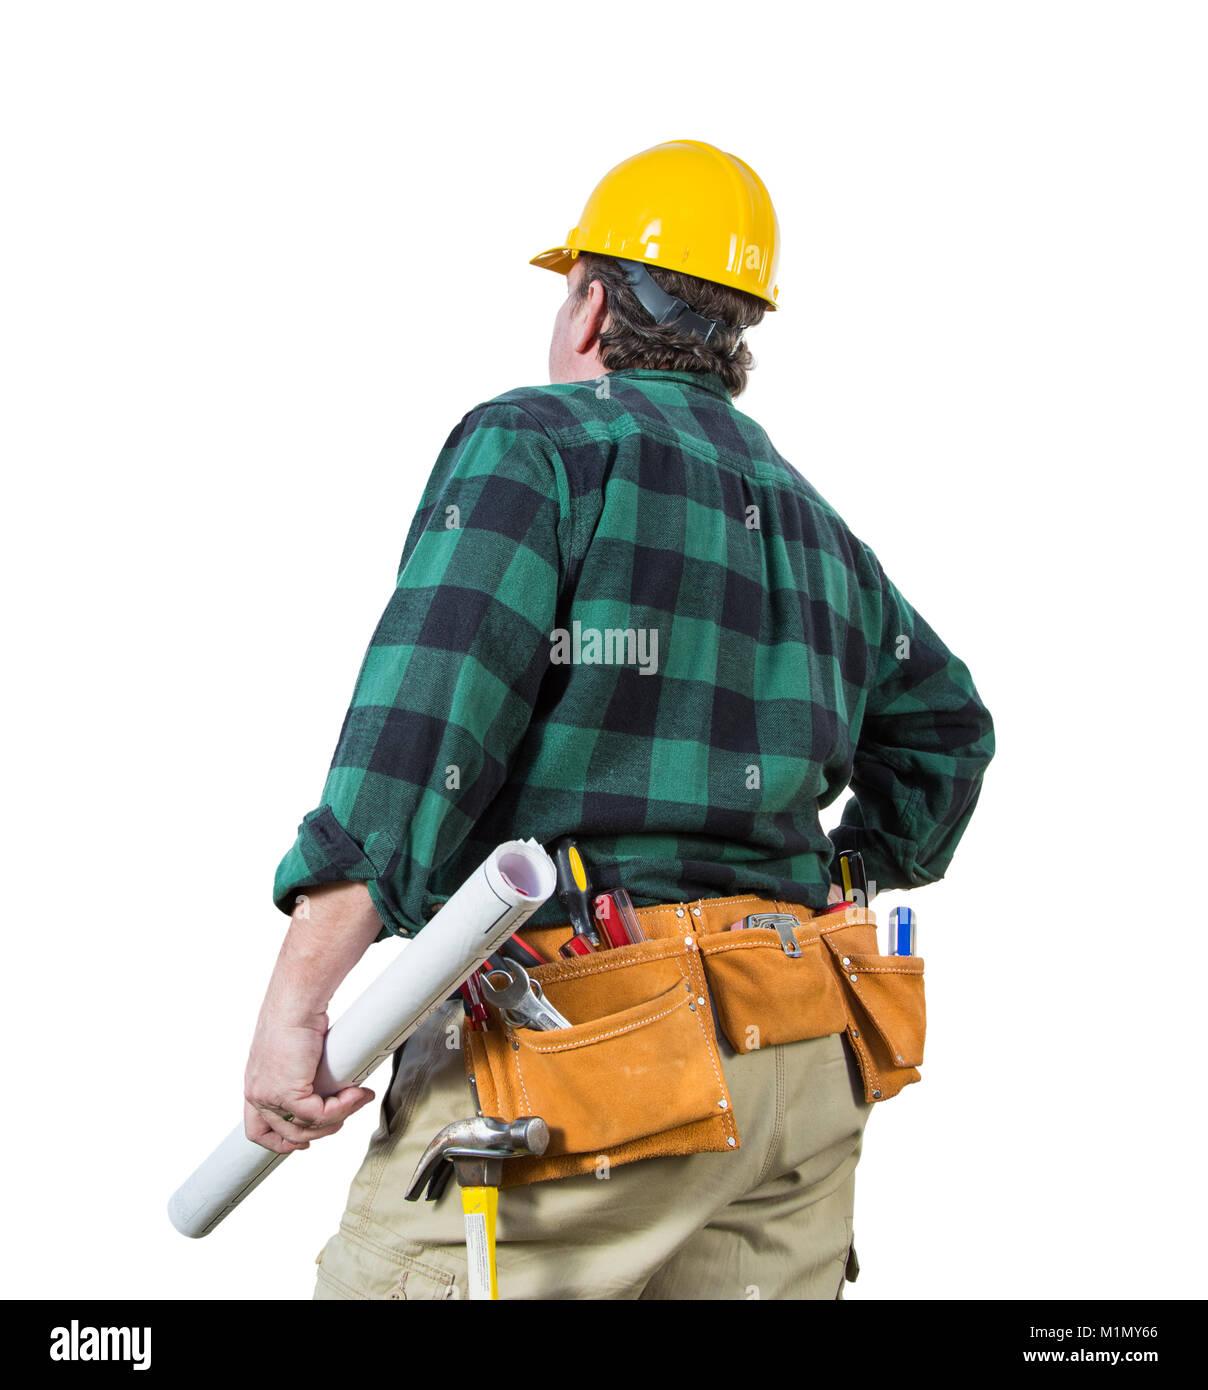 Männliche Auftragnehmer mit Schutzhelm und Werkzeug Gürtel Suchen isoliert einen weißen Hintergrund. Stockbild